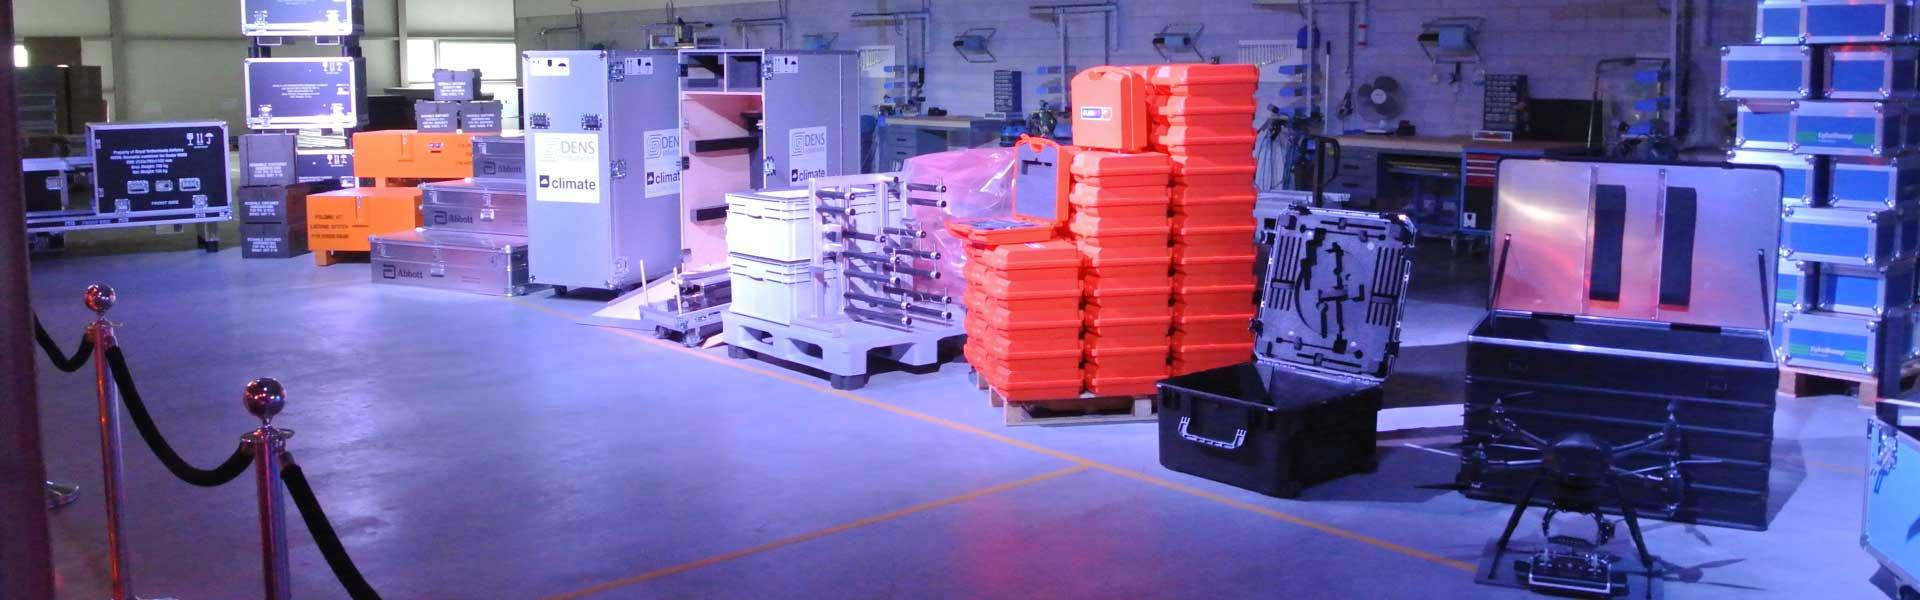 Maatwerk koffers en kisten